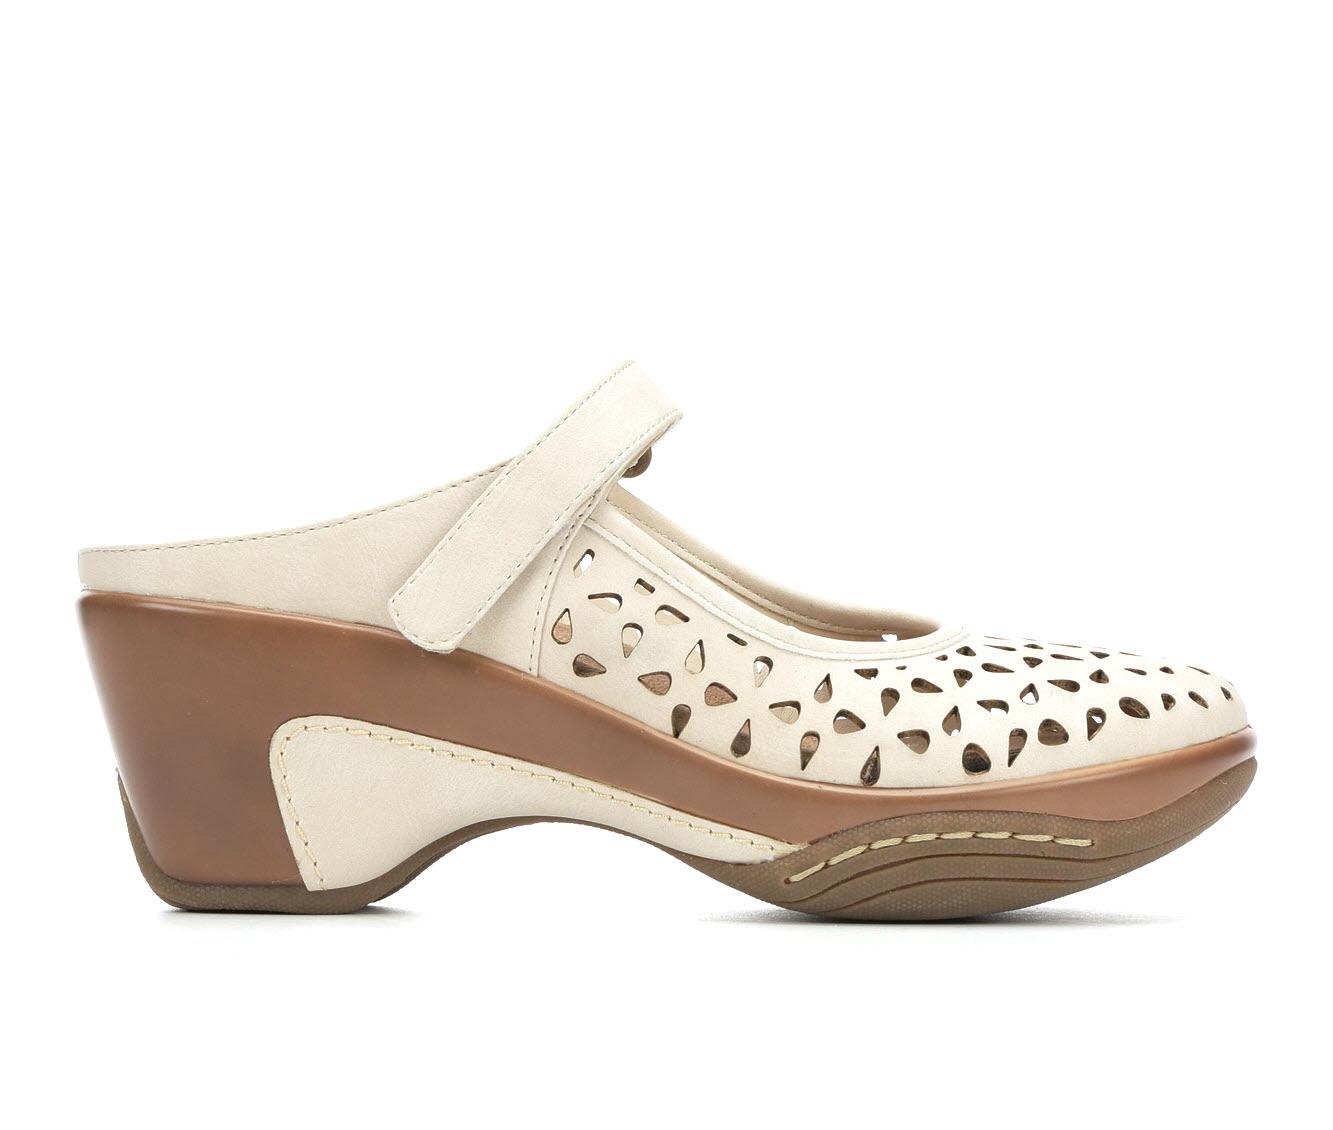 Solanz Vespa Women's Shoe (Beige Faux Leather)